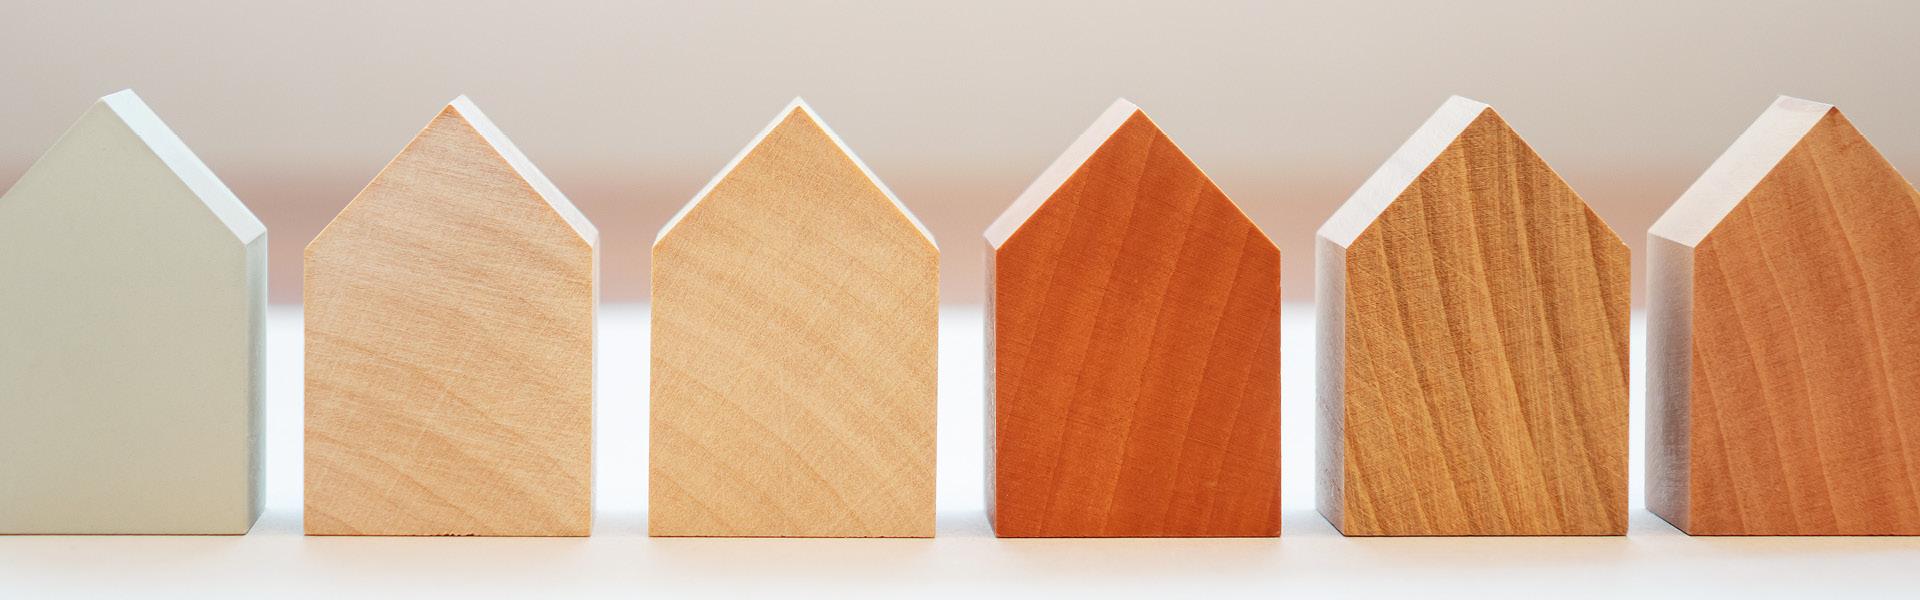 Eine Reihe kleiner Hausmodelle aus verschiedenen Holzarten.